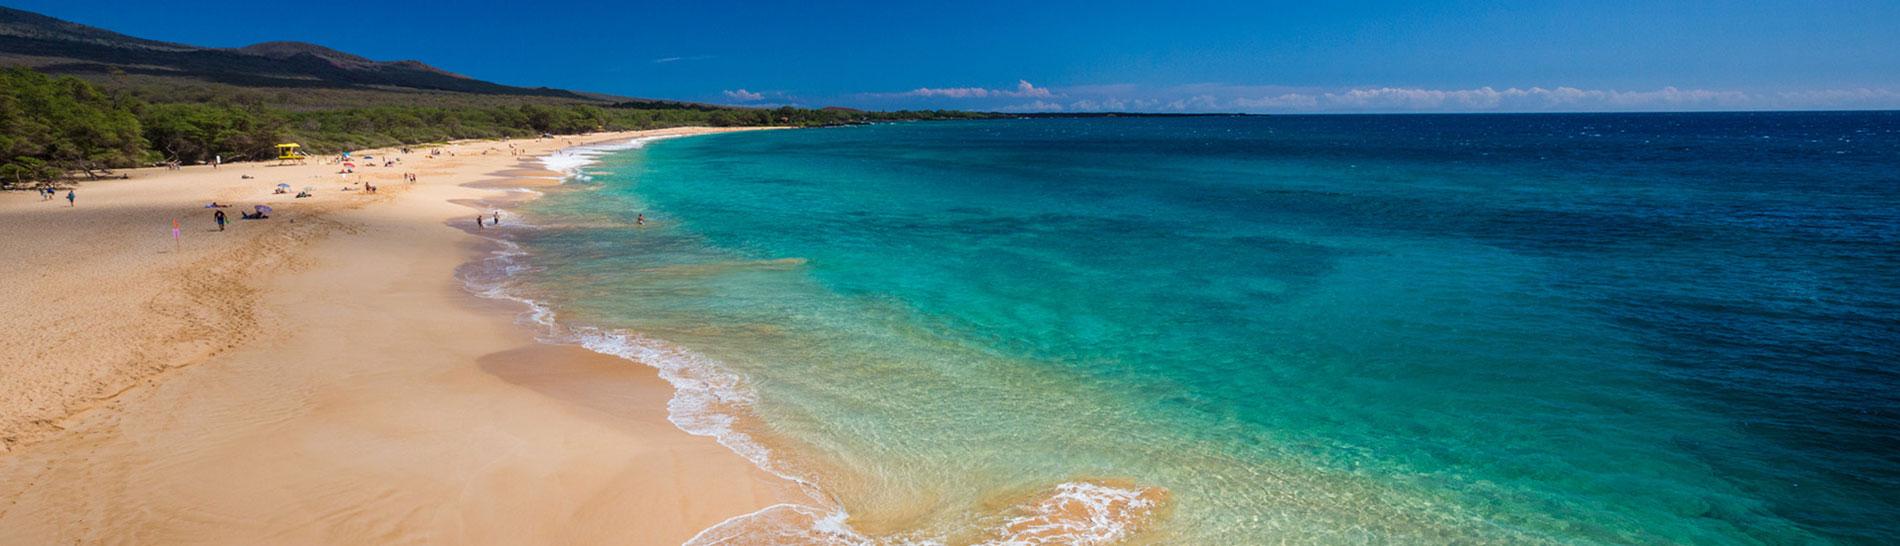 Urlaub Hawaii beste Reisezeit